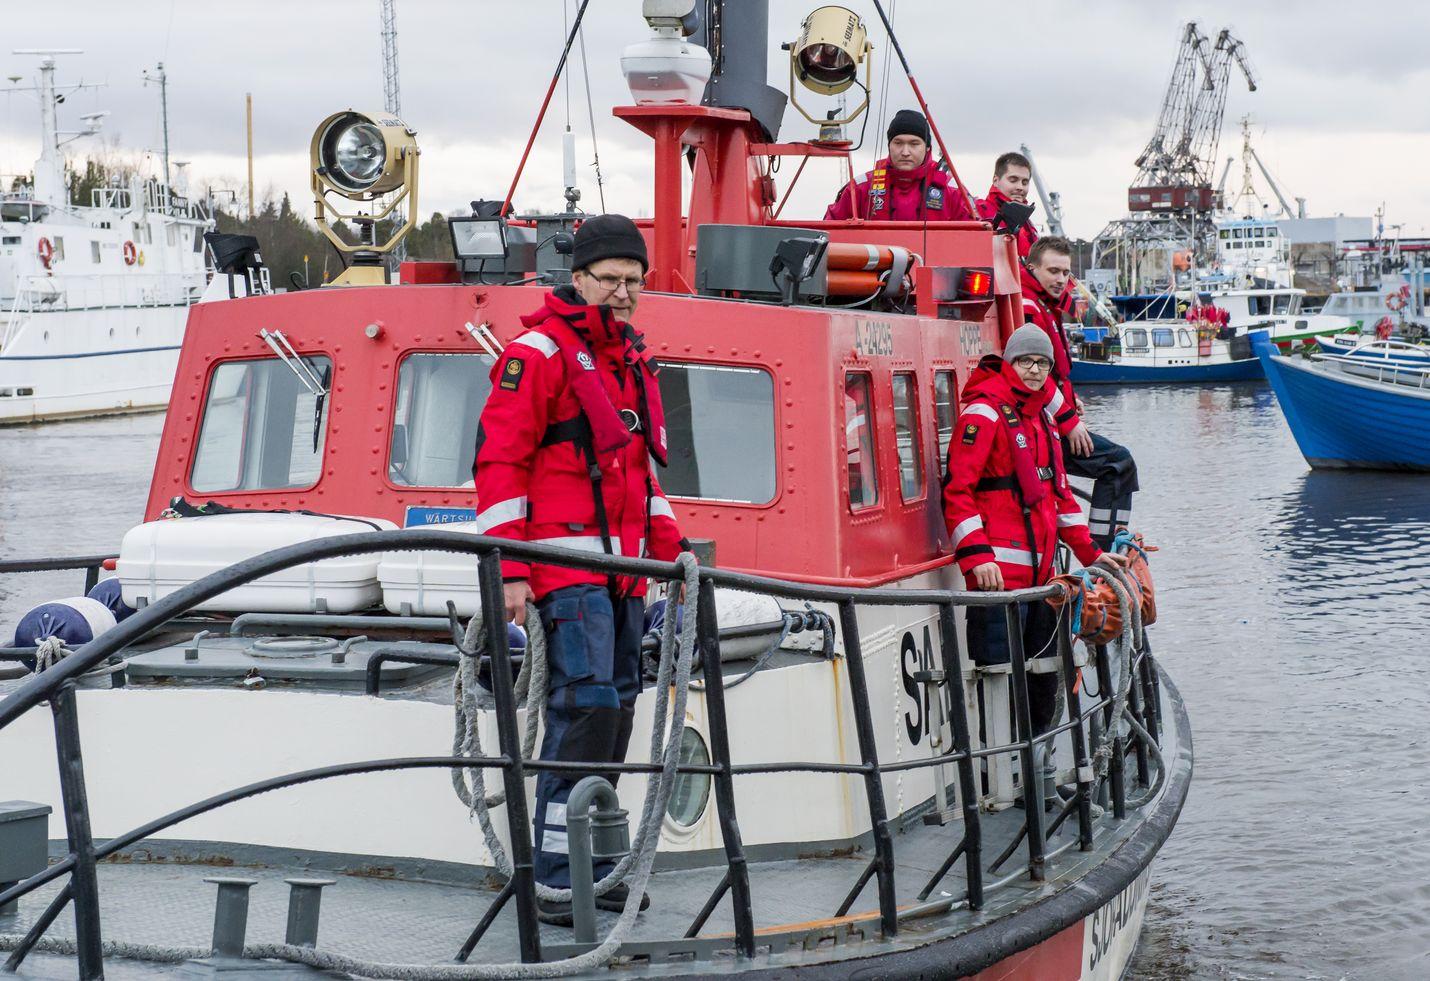 Rauman Meripelastusyhdistyksen vapaaehtoiset ovat tuttu näky vesillä. Kuva: LS-arkisto/Esa Urhonen